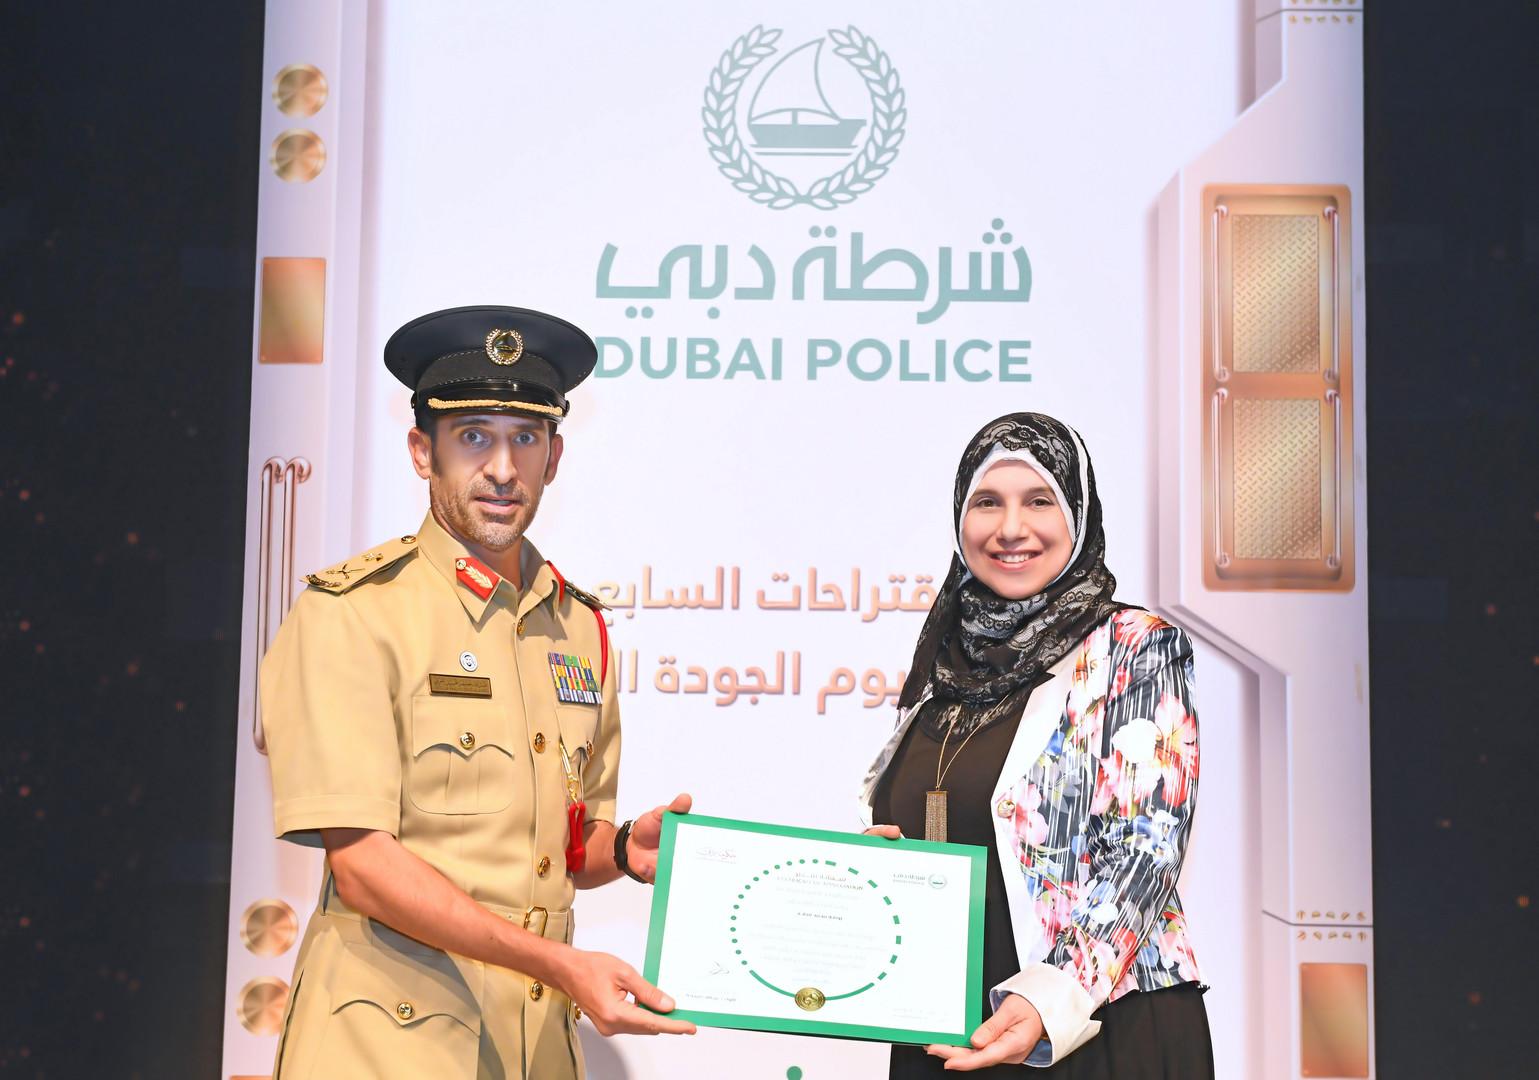 تكريم #روضة_سعد من #شرطة_دبي